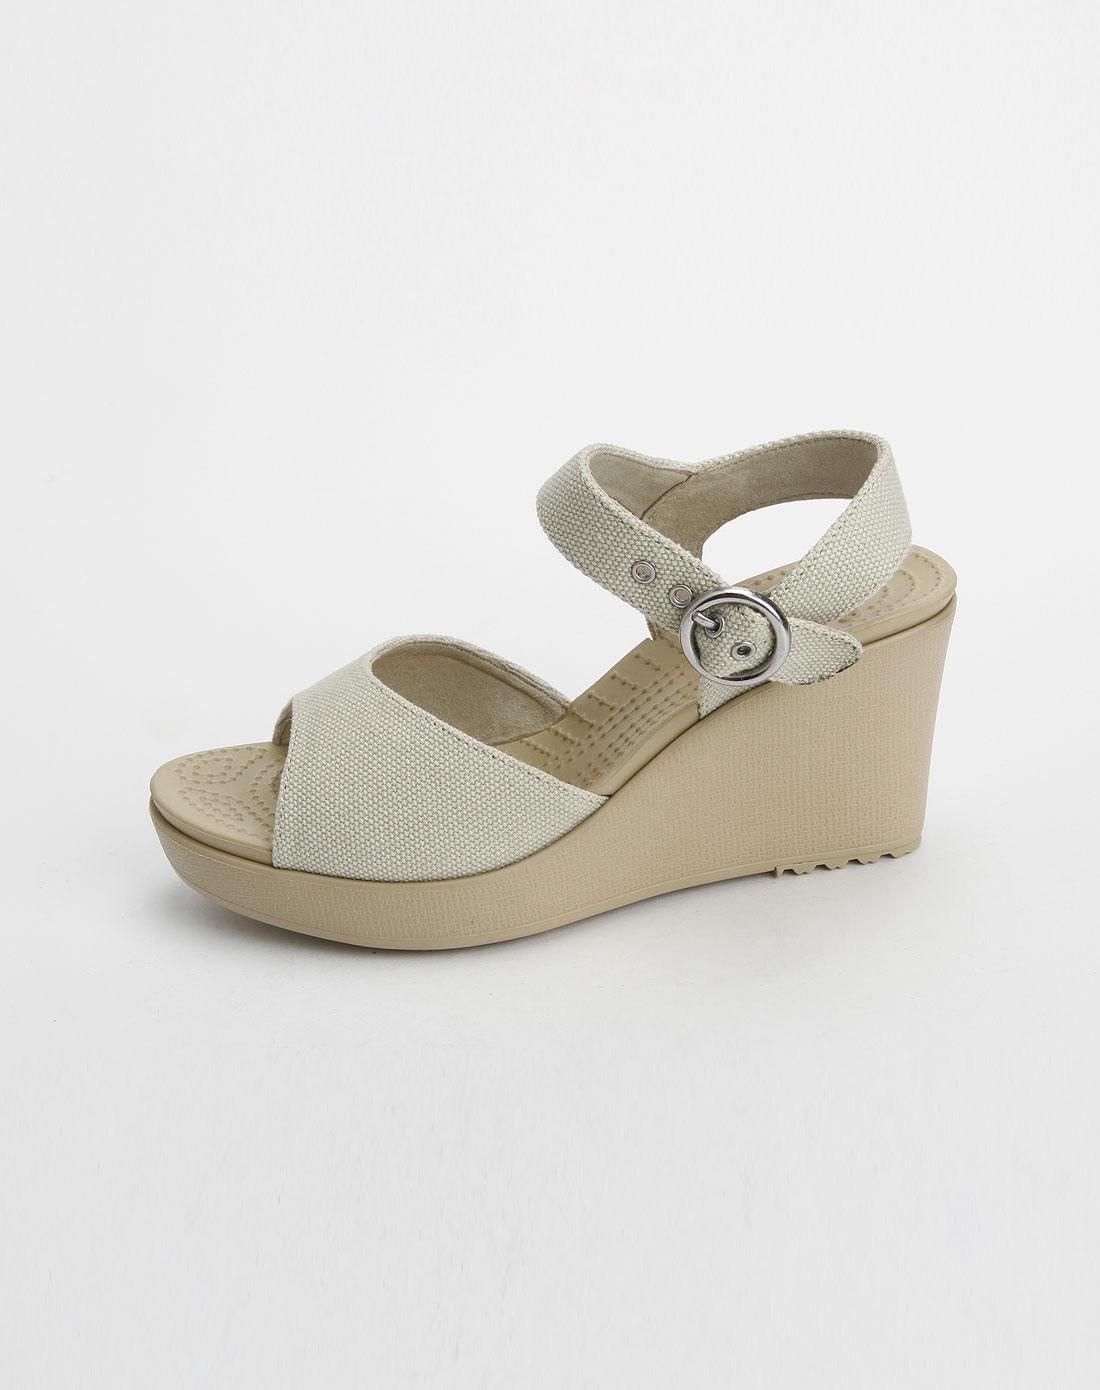 卡路驰crocs女款米色哈娜妮高跟凉鞋